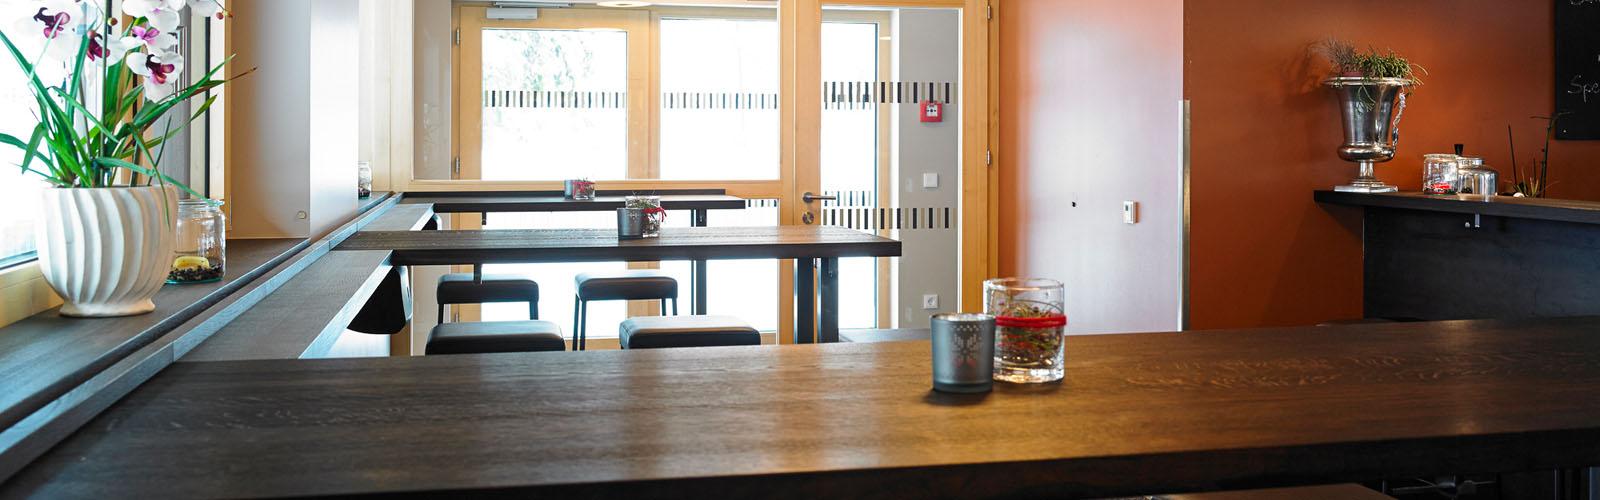 Sport Milanovic - Cafe mit Sonnenterrasse